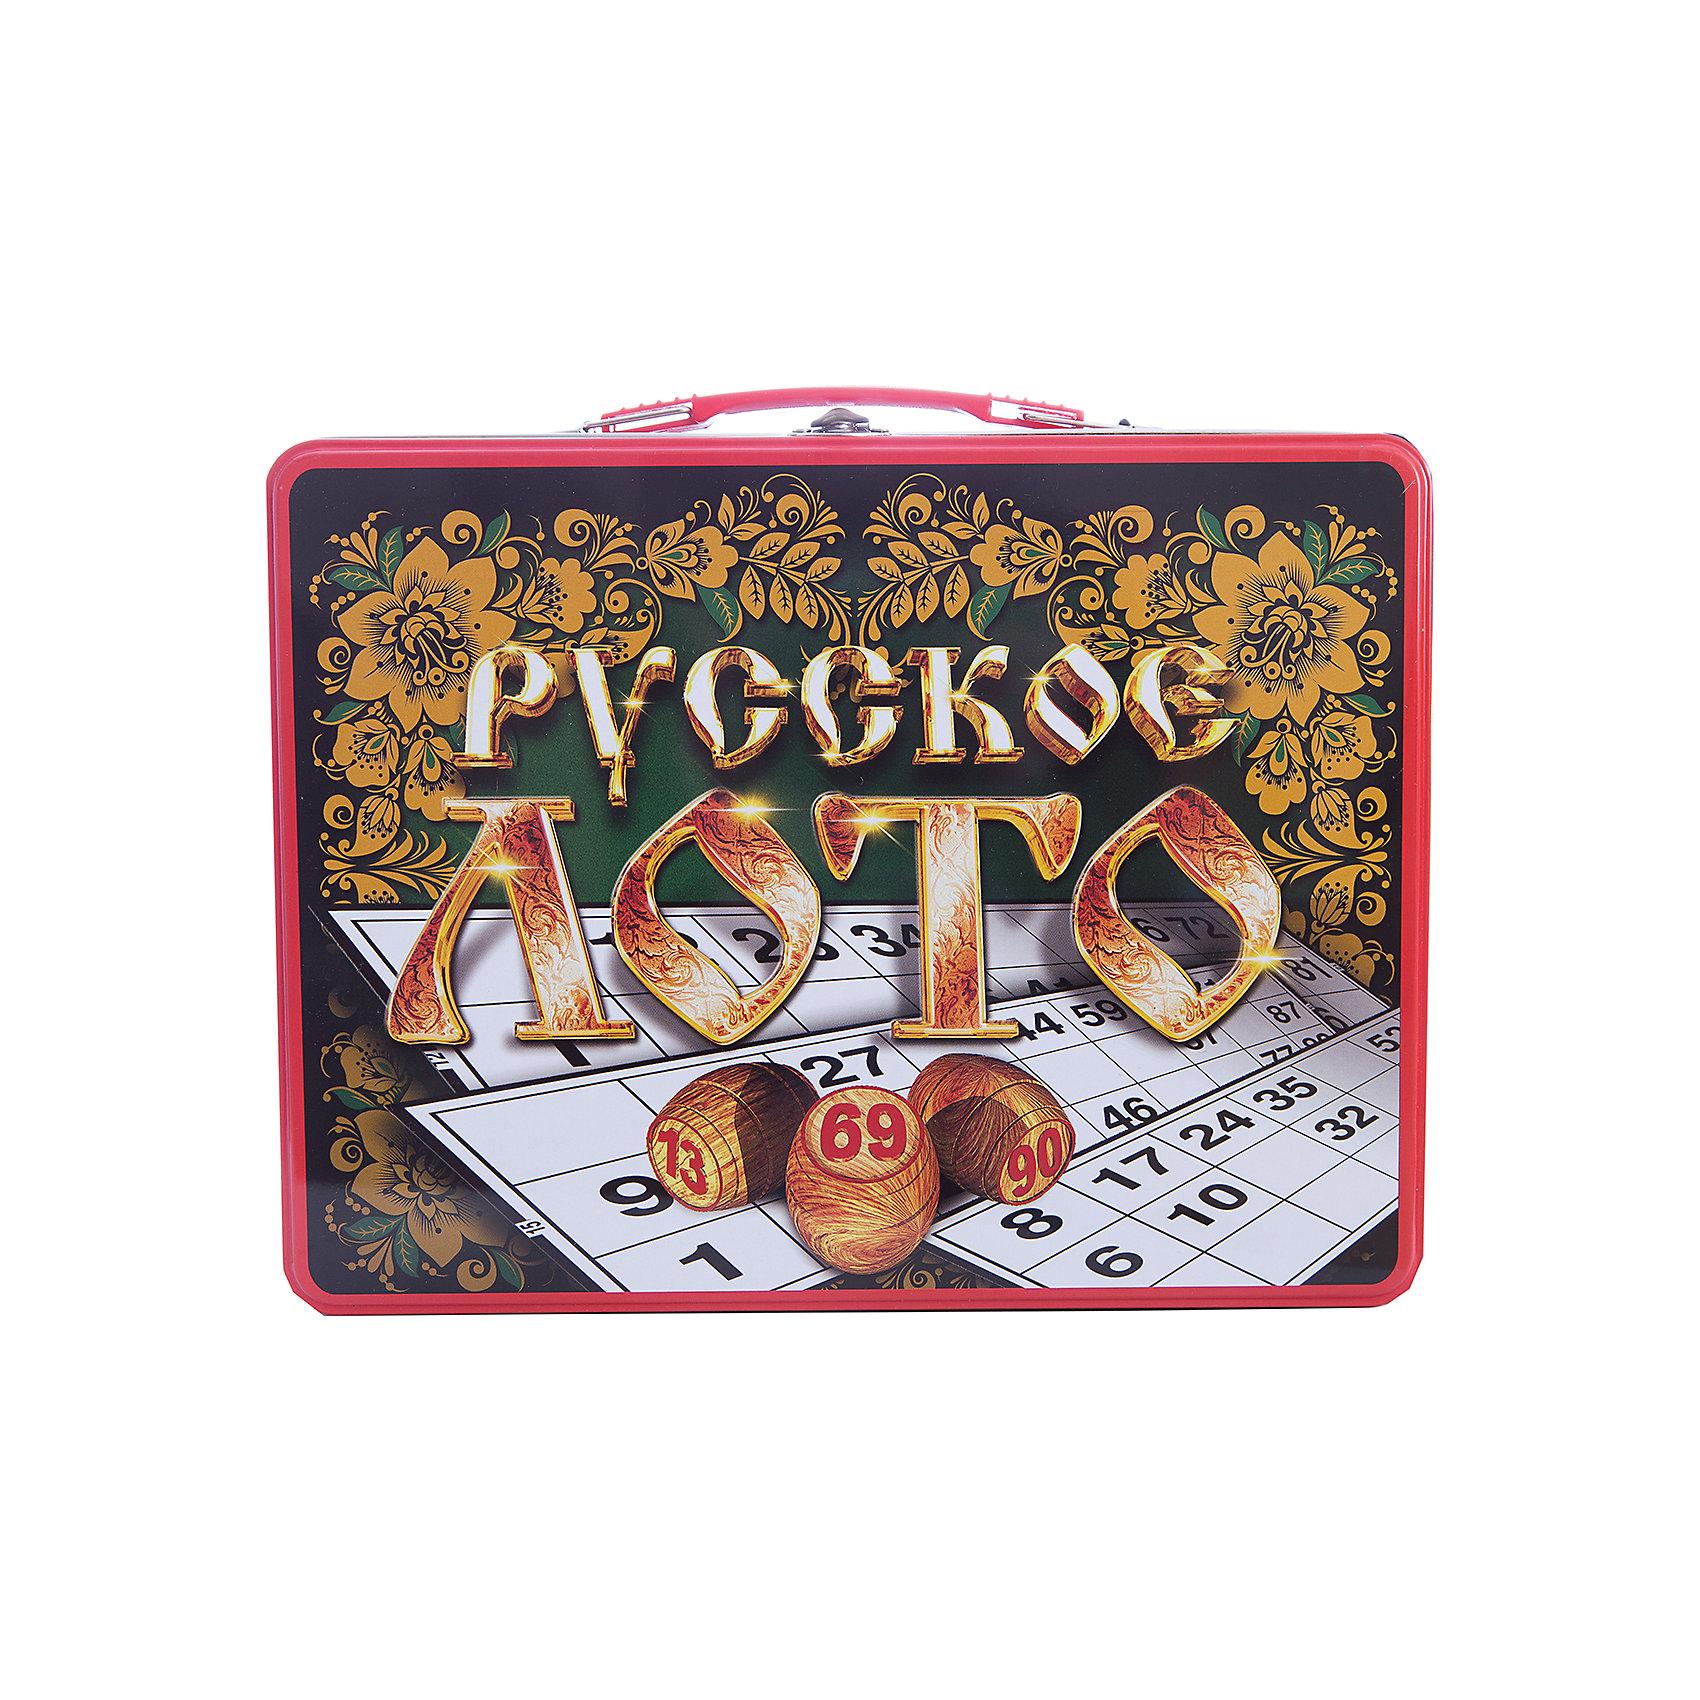 Русское лото в чемоданчике Русские узоры, Десятое королевствоЛото<br>Русское лото в чемоданчике Русские узоры, Десятое королевство<br><br>Характеристики: <br><br>• Возраст: от 7 лет<br>• Материал: картон, пластик, дерево, текстиль<br>• В комплекте: 24 карточки, 90 бочонков, 150 жетонов, 2 мешочка, жестяной чемоданчик<br><br>Эта увлекательная старинная русская игра будет интересна детям от 7 лет. В комплекте идут 90 бочонков, 24 карточки, 150 жетонов, 2 мешочка и один маленький чемоданчик, который будет отлично смотреться в шкафу. Благодаря простоте ее правил и возможности играть в компании, лото снискало себе популярность у людей всех возрастов. <br><br>Русское лото в чемоданчике Русские узоры, Десятое королевство можно купить в нашем интернет-магазине.<br><br>Ширина мм: 295<br>Глубина мм: 225<br>Высота мм: 60<br>Вес г: 1189<br>Возраст от месяцев: 84<br>Возраст до месяцев: 2147483647<br>Пол: Унисекс<br>Возраст: Детский<br>SKU: 5473719